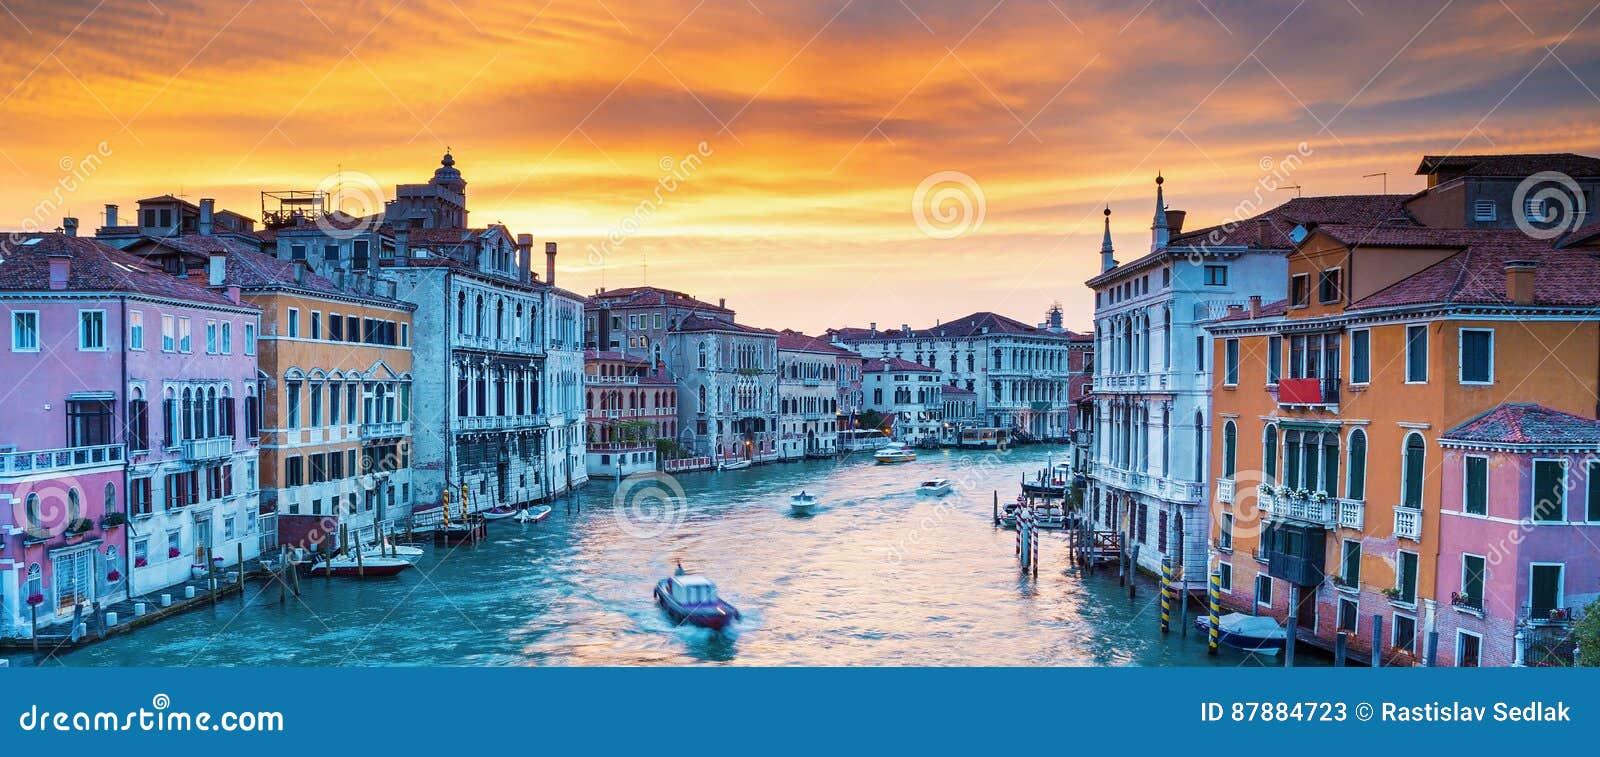 Взгляд на грандиозном канале в романтичной Венеции, Италии